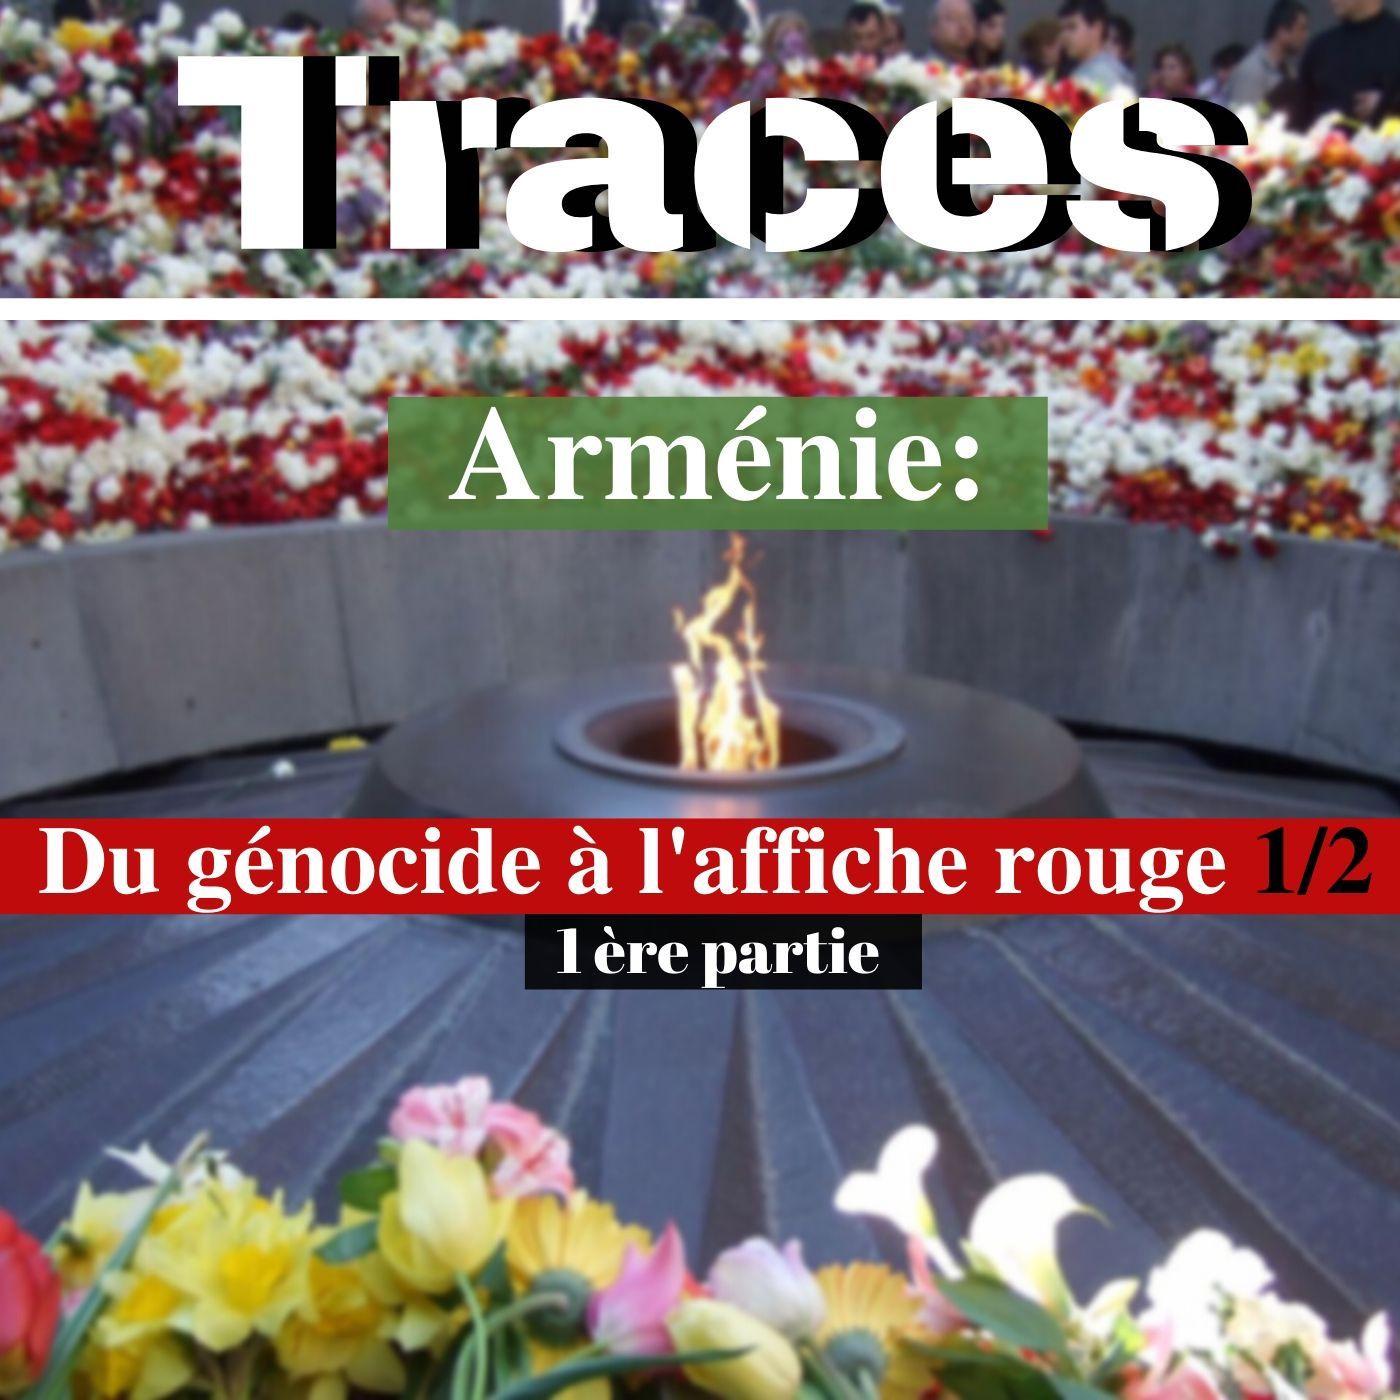 Arménie: Du génocide à l'affiche rouge 1/2